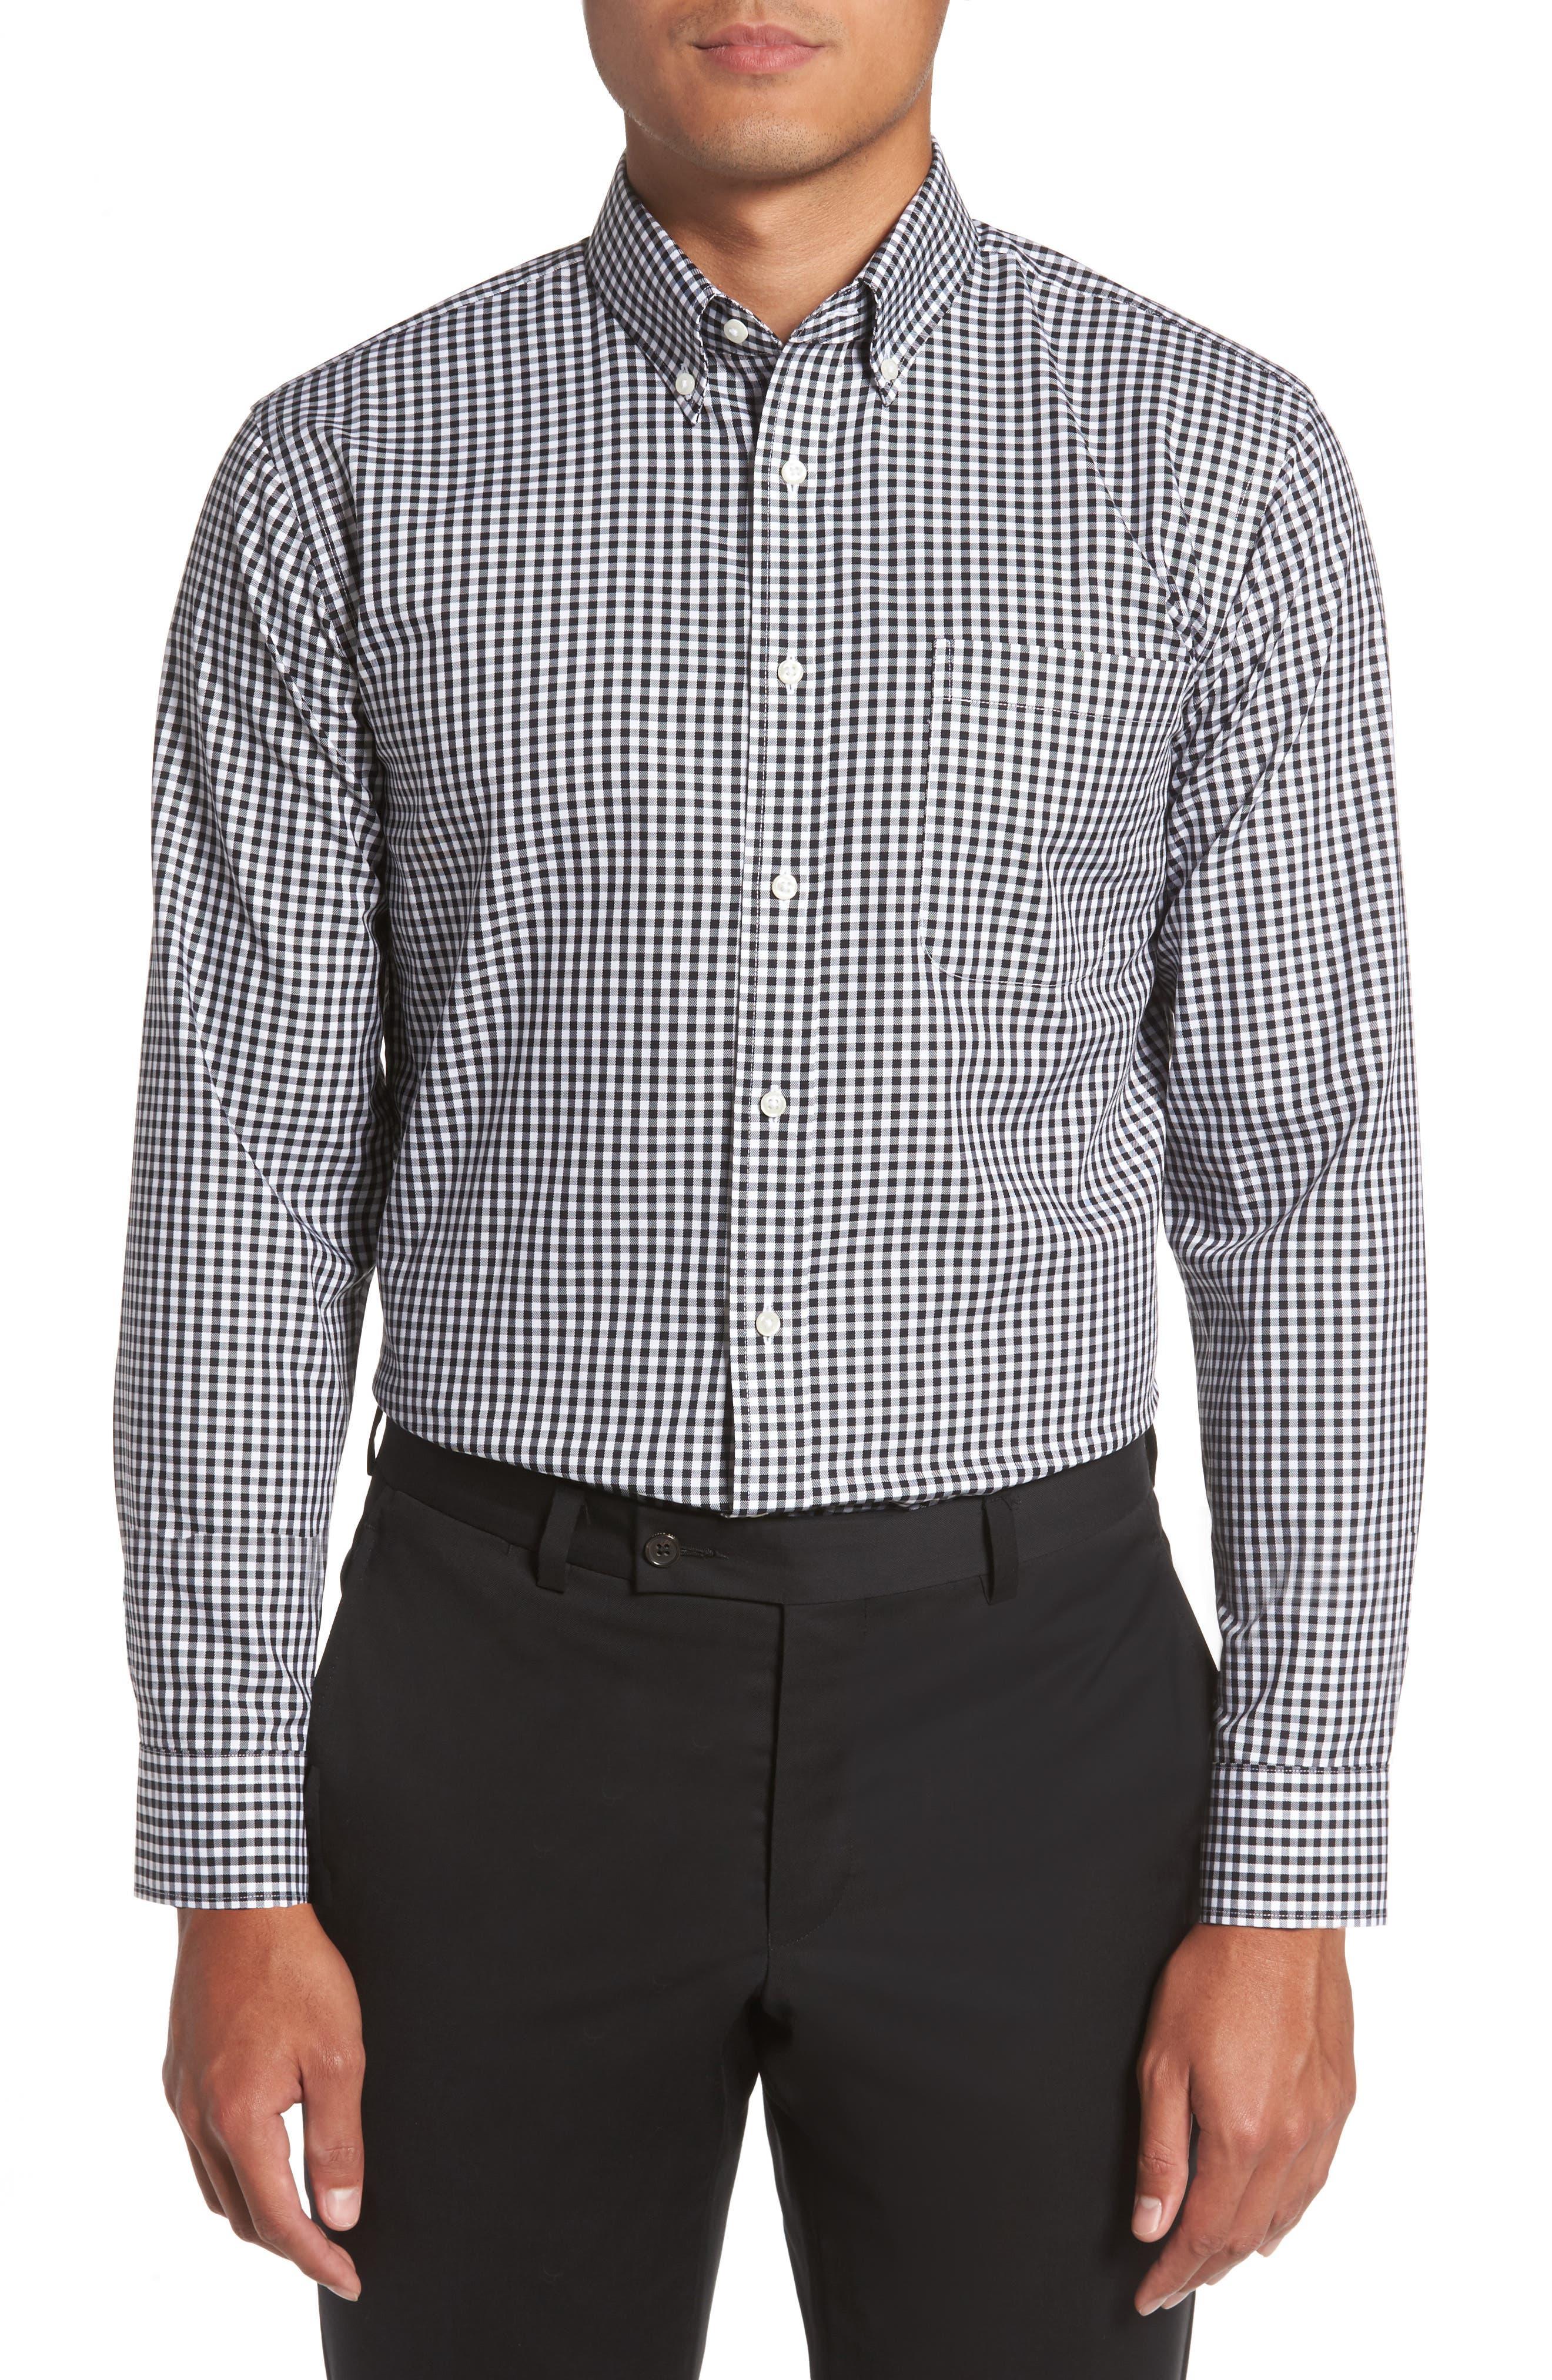 Men's Nordstrom Men's Shop Trim Fit Non-Iron Gingham Dress Shirt, Size 14.5 - 32/33 - Black